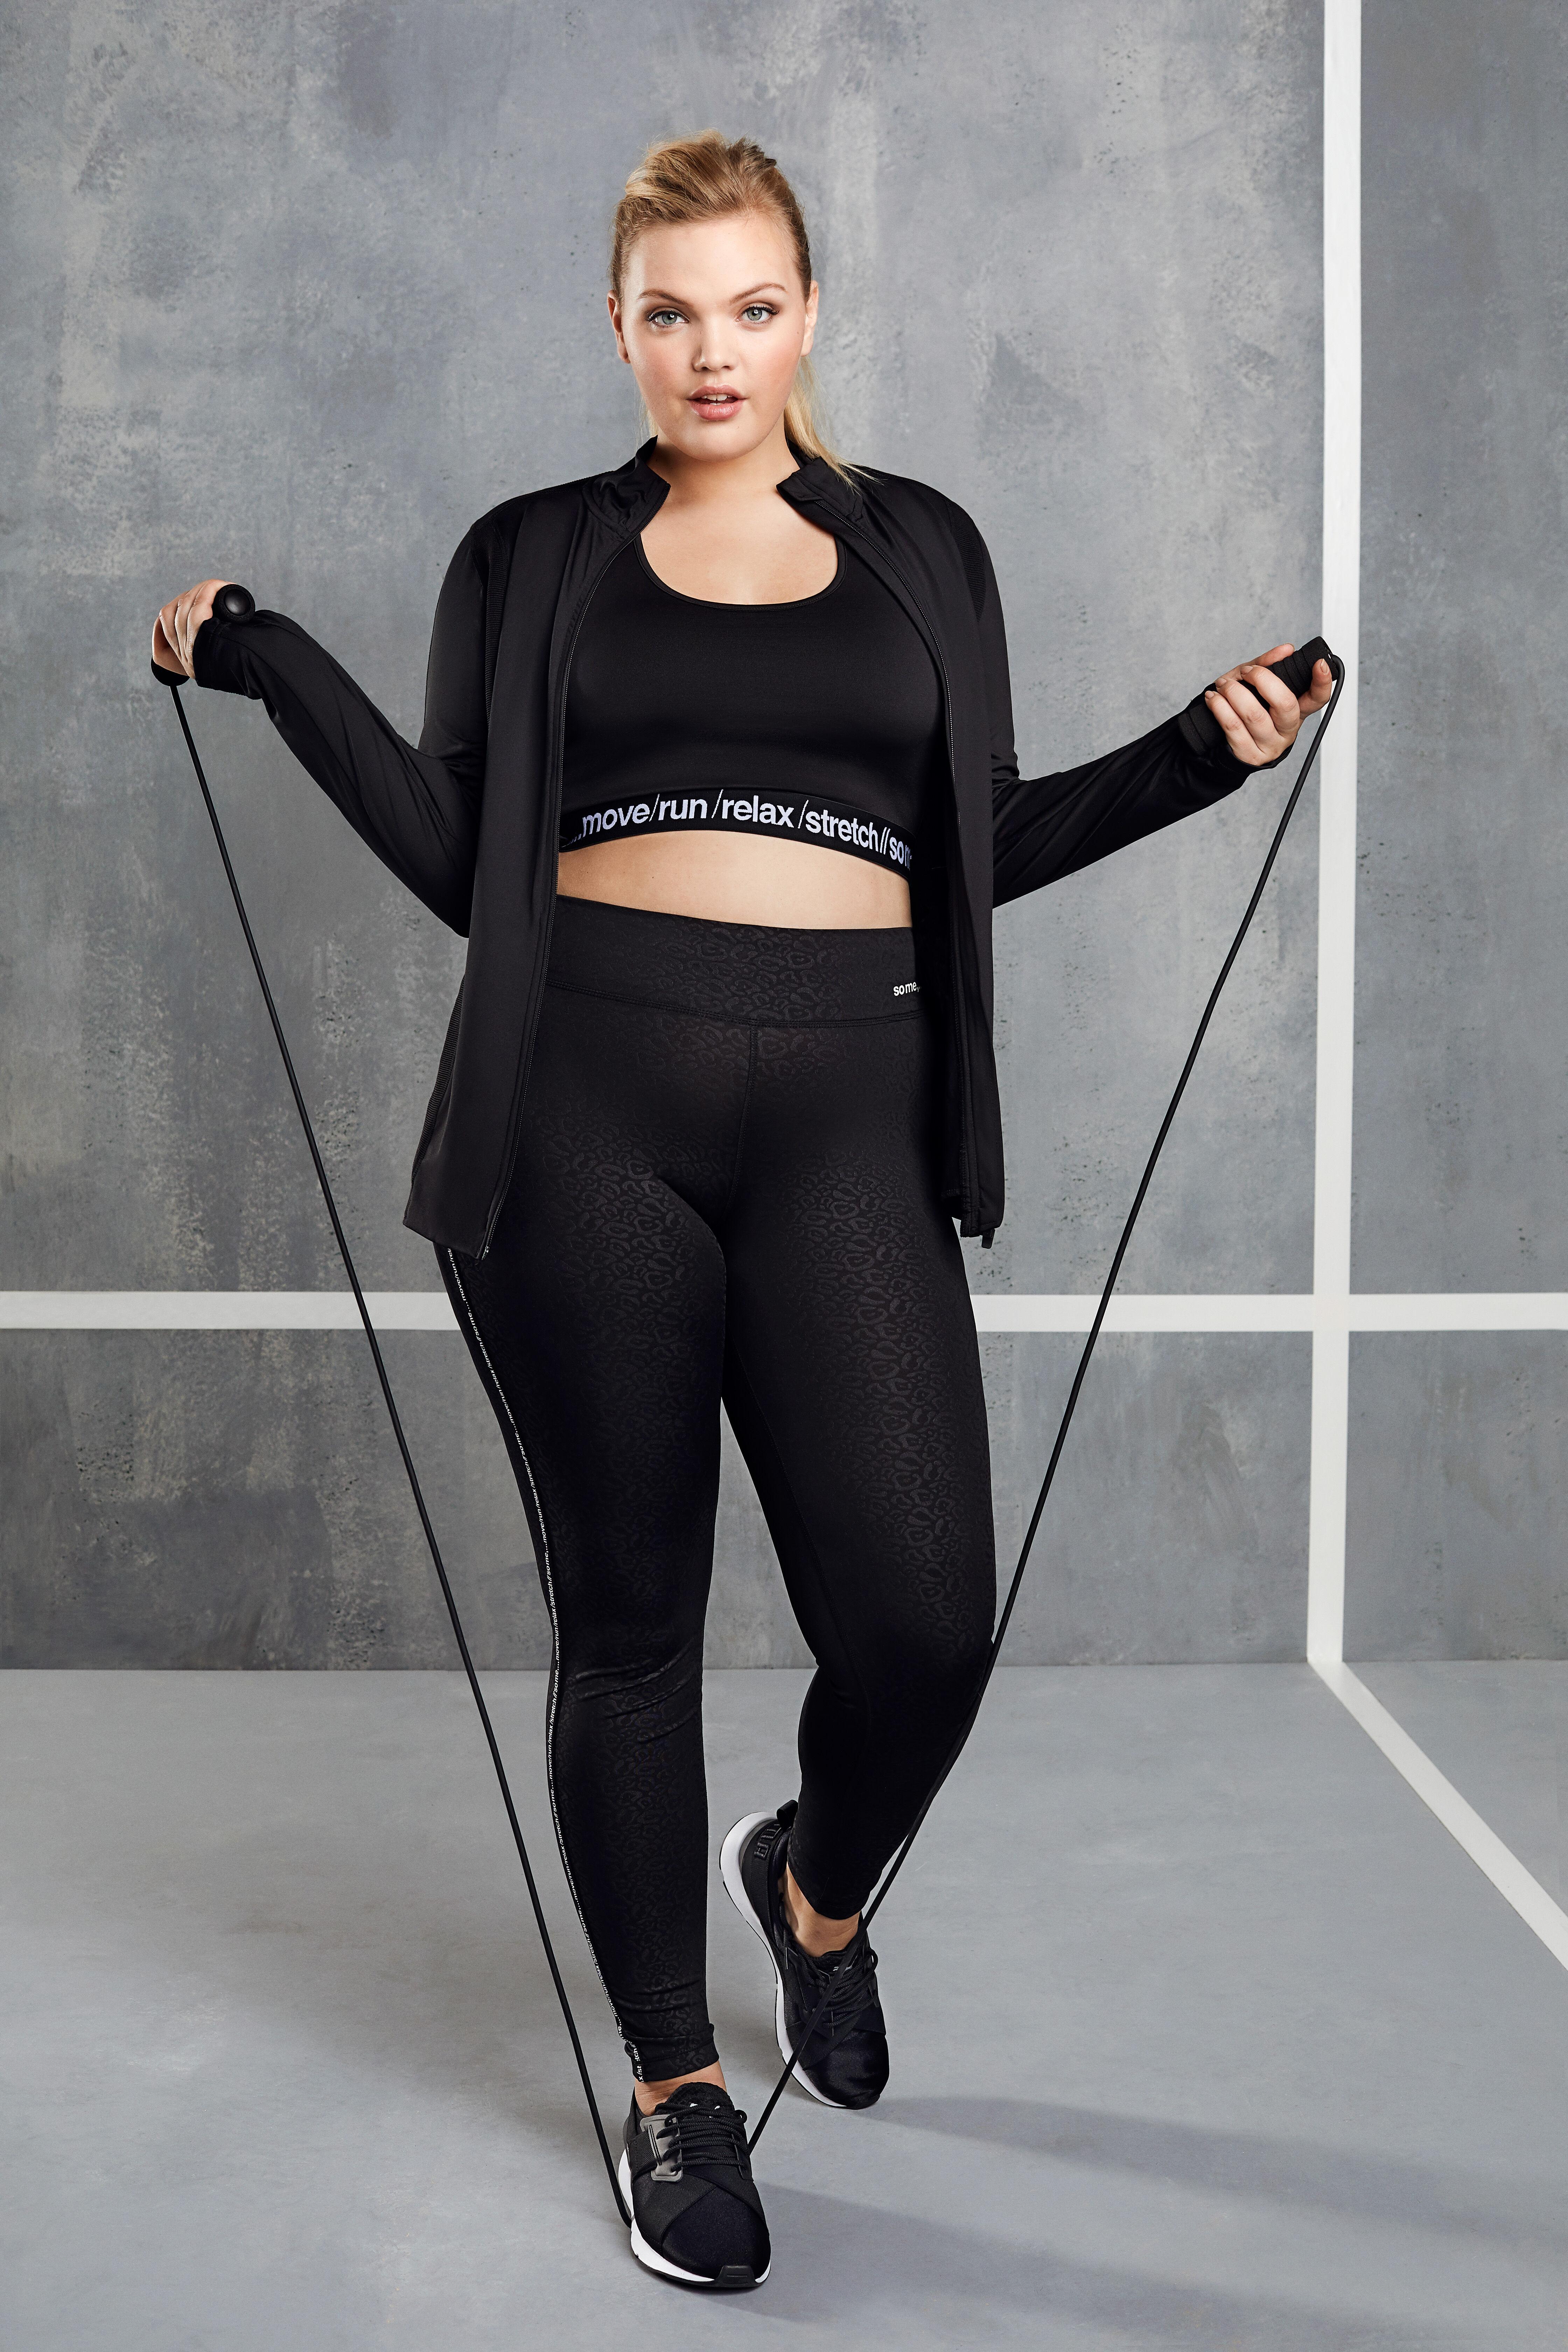 Grande Taille Au Tailles SomeSportswear 40 Ms 54 FemmeMode Aqc5RL4j3